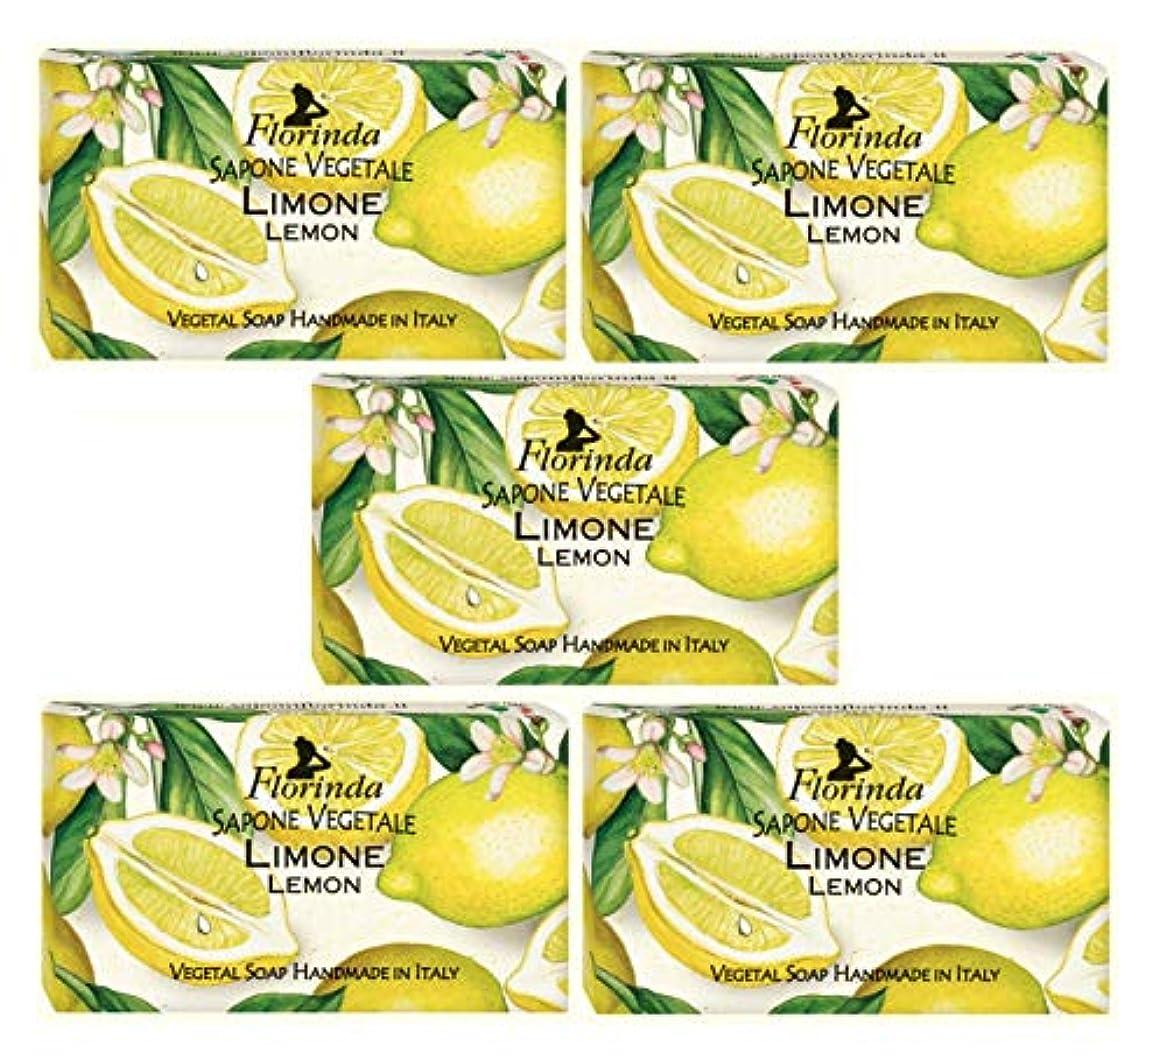 少ない抑制する出身地フロリンダ フレグランスソープ 固形石けん フルーツの香り レモン 95g×5個セット